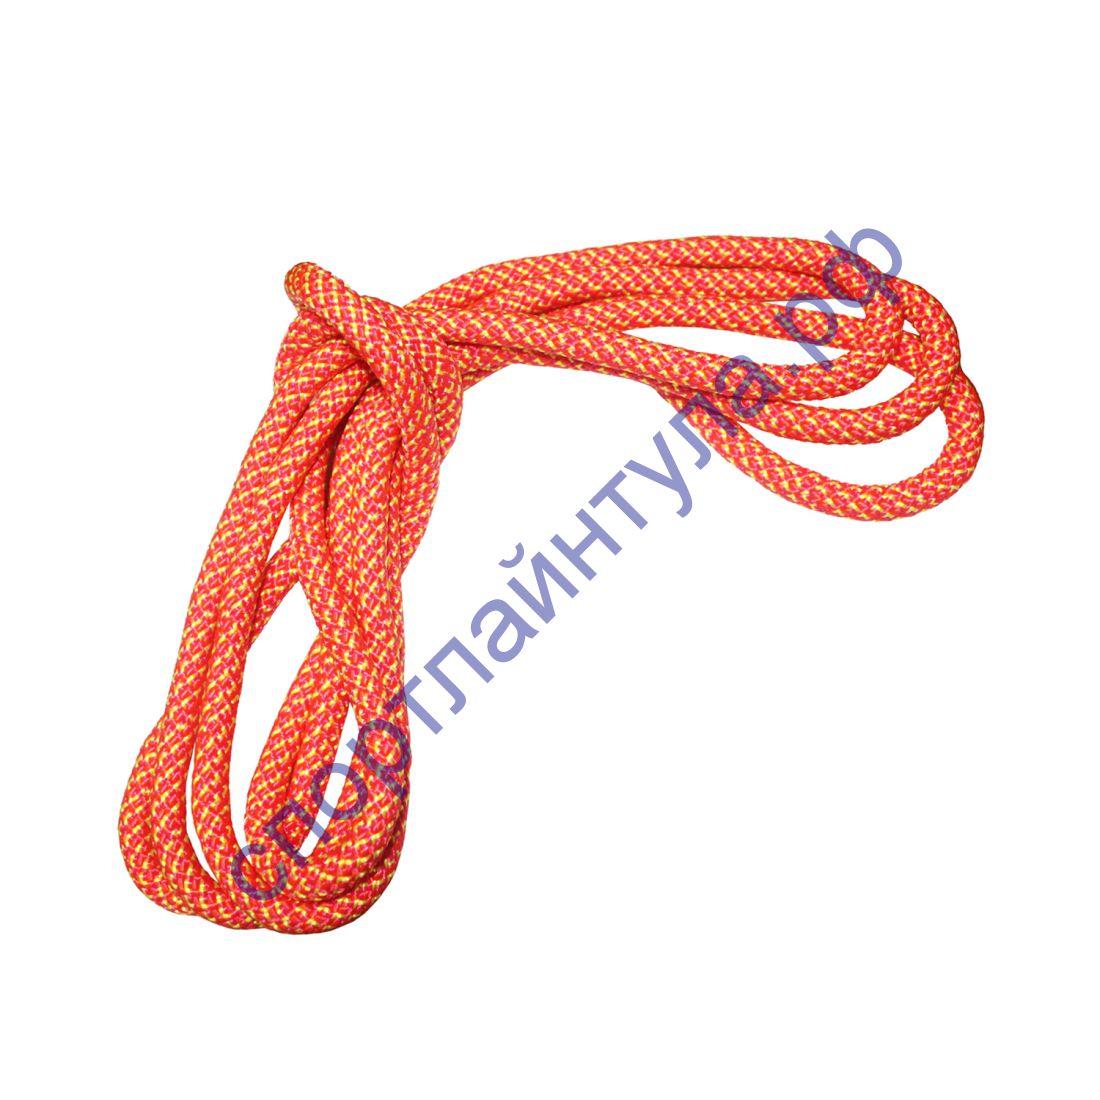 Скакалка гимнастическая BF-SK07 Радуга 2,5 м, 150 гр.